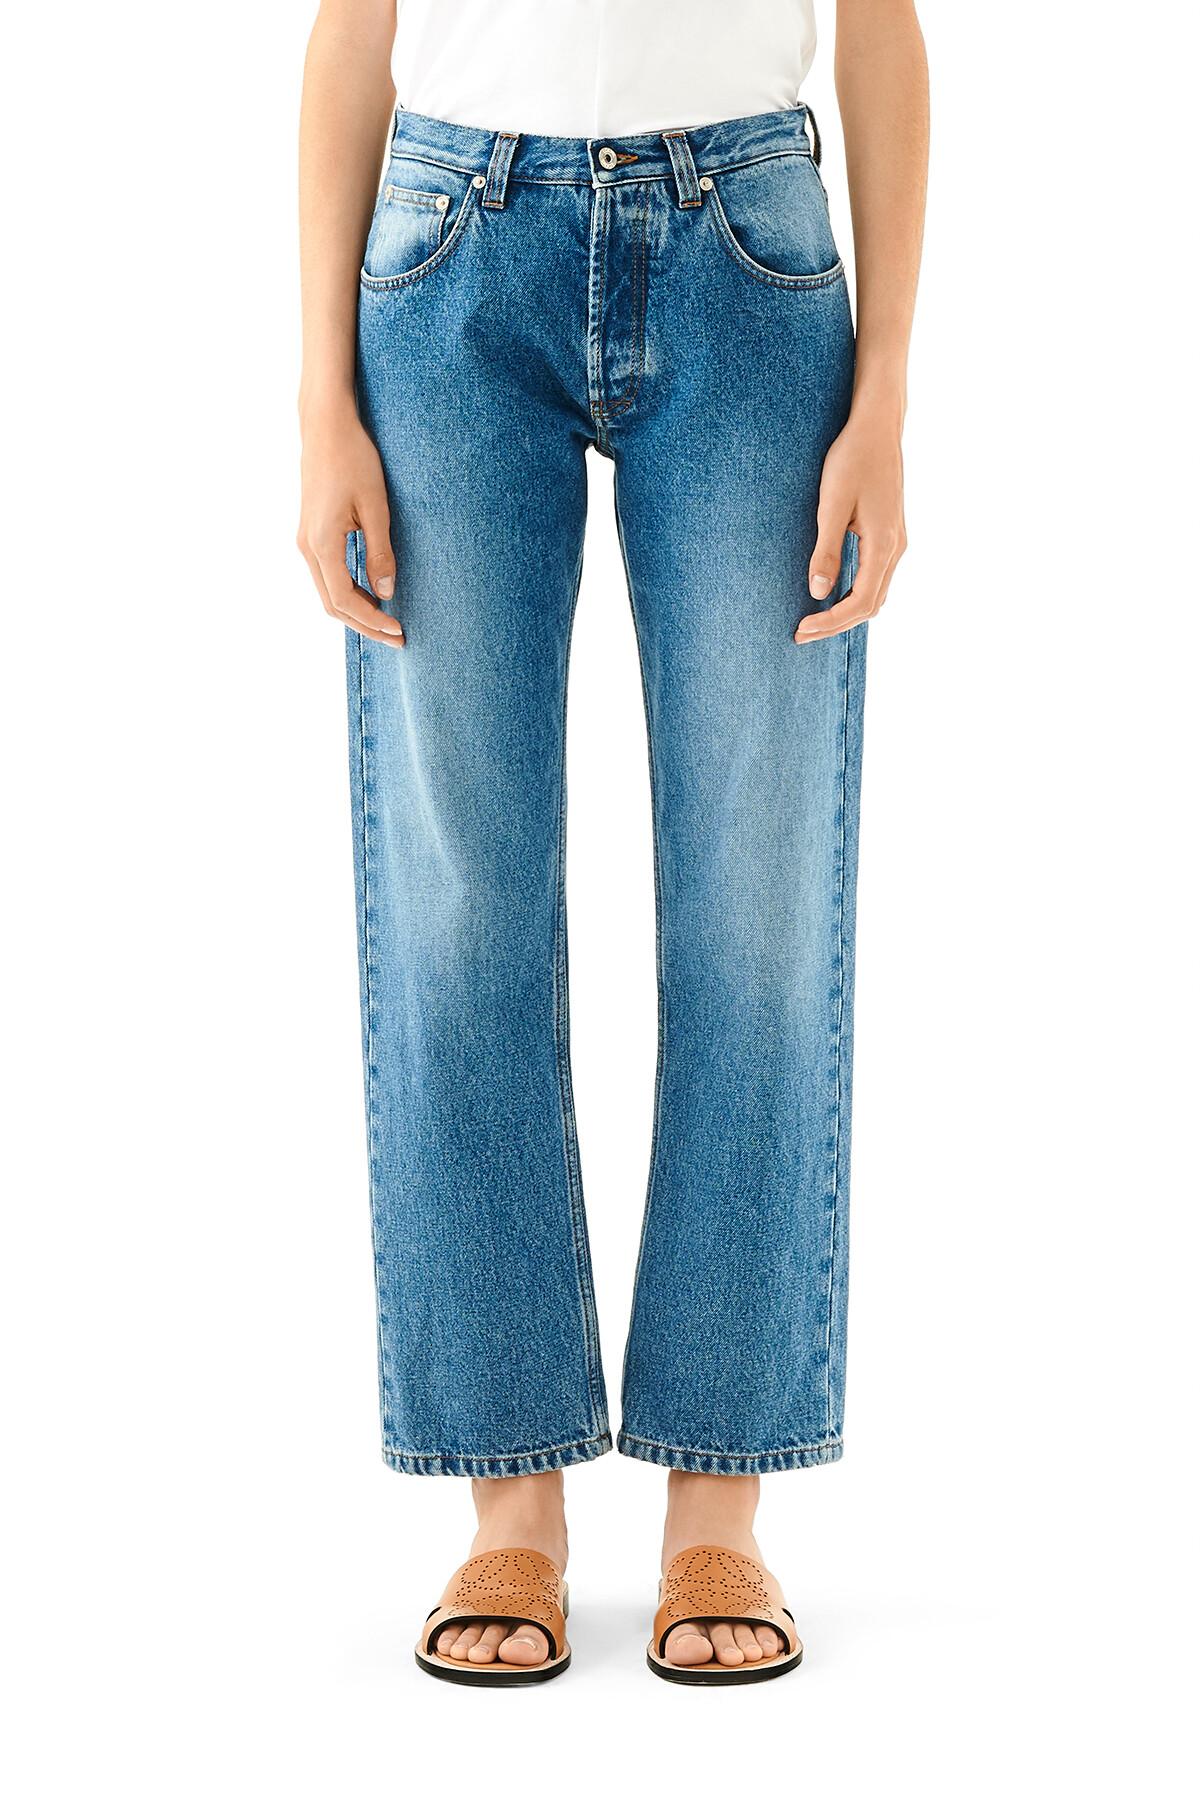 LOEWE 5 Pocket Jeans Flower Emb Denim Lavado front